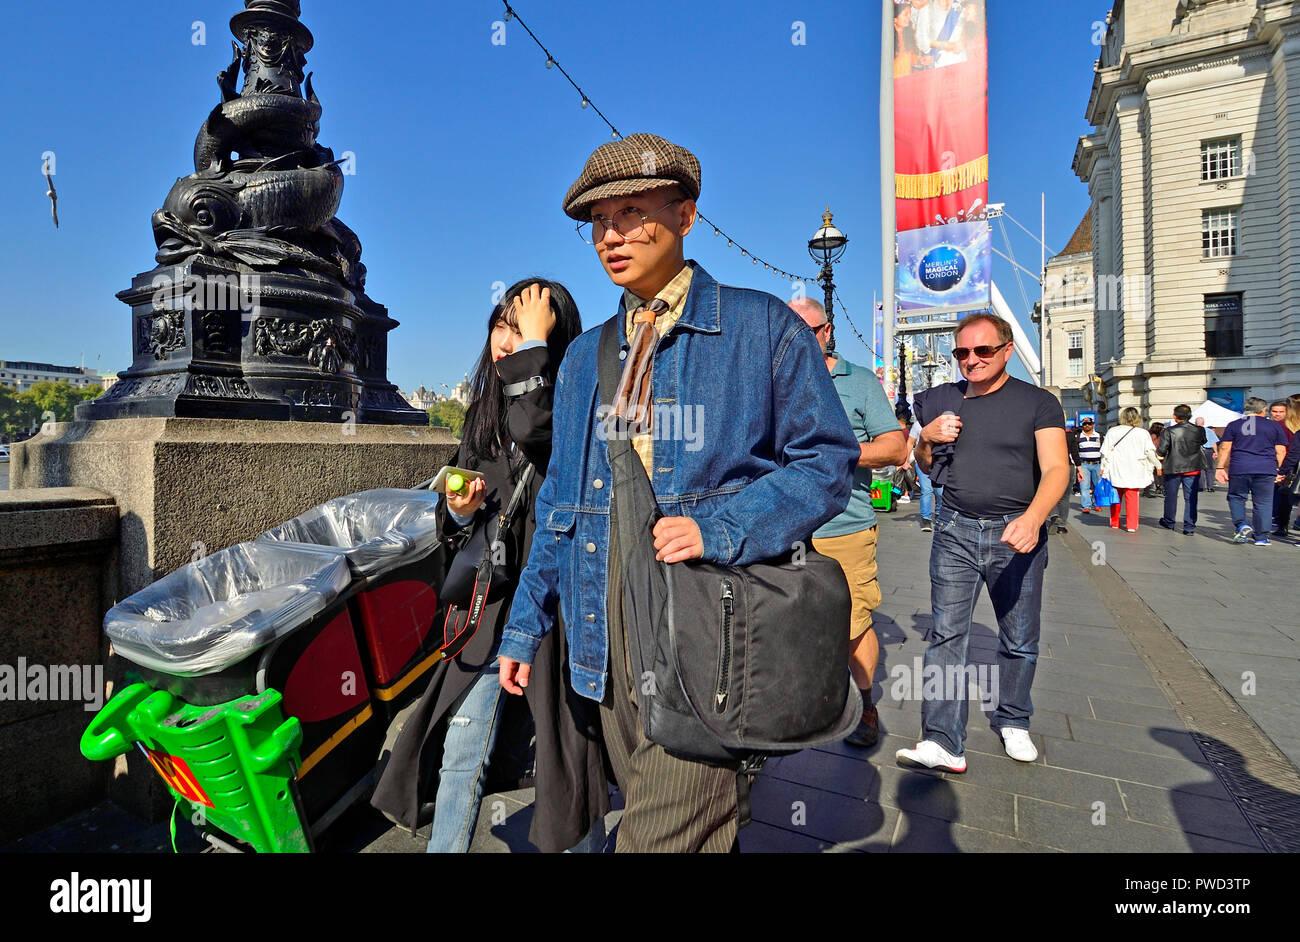 Dos jóvenes japoneses caminando en el South Bank, Londres, Inglaterra, Reino Unido. Imagen De Stock